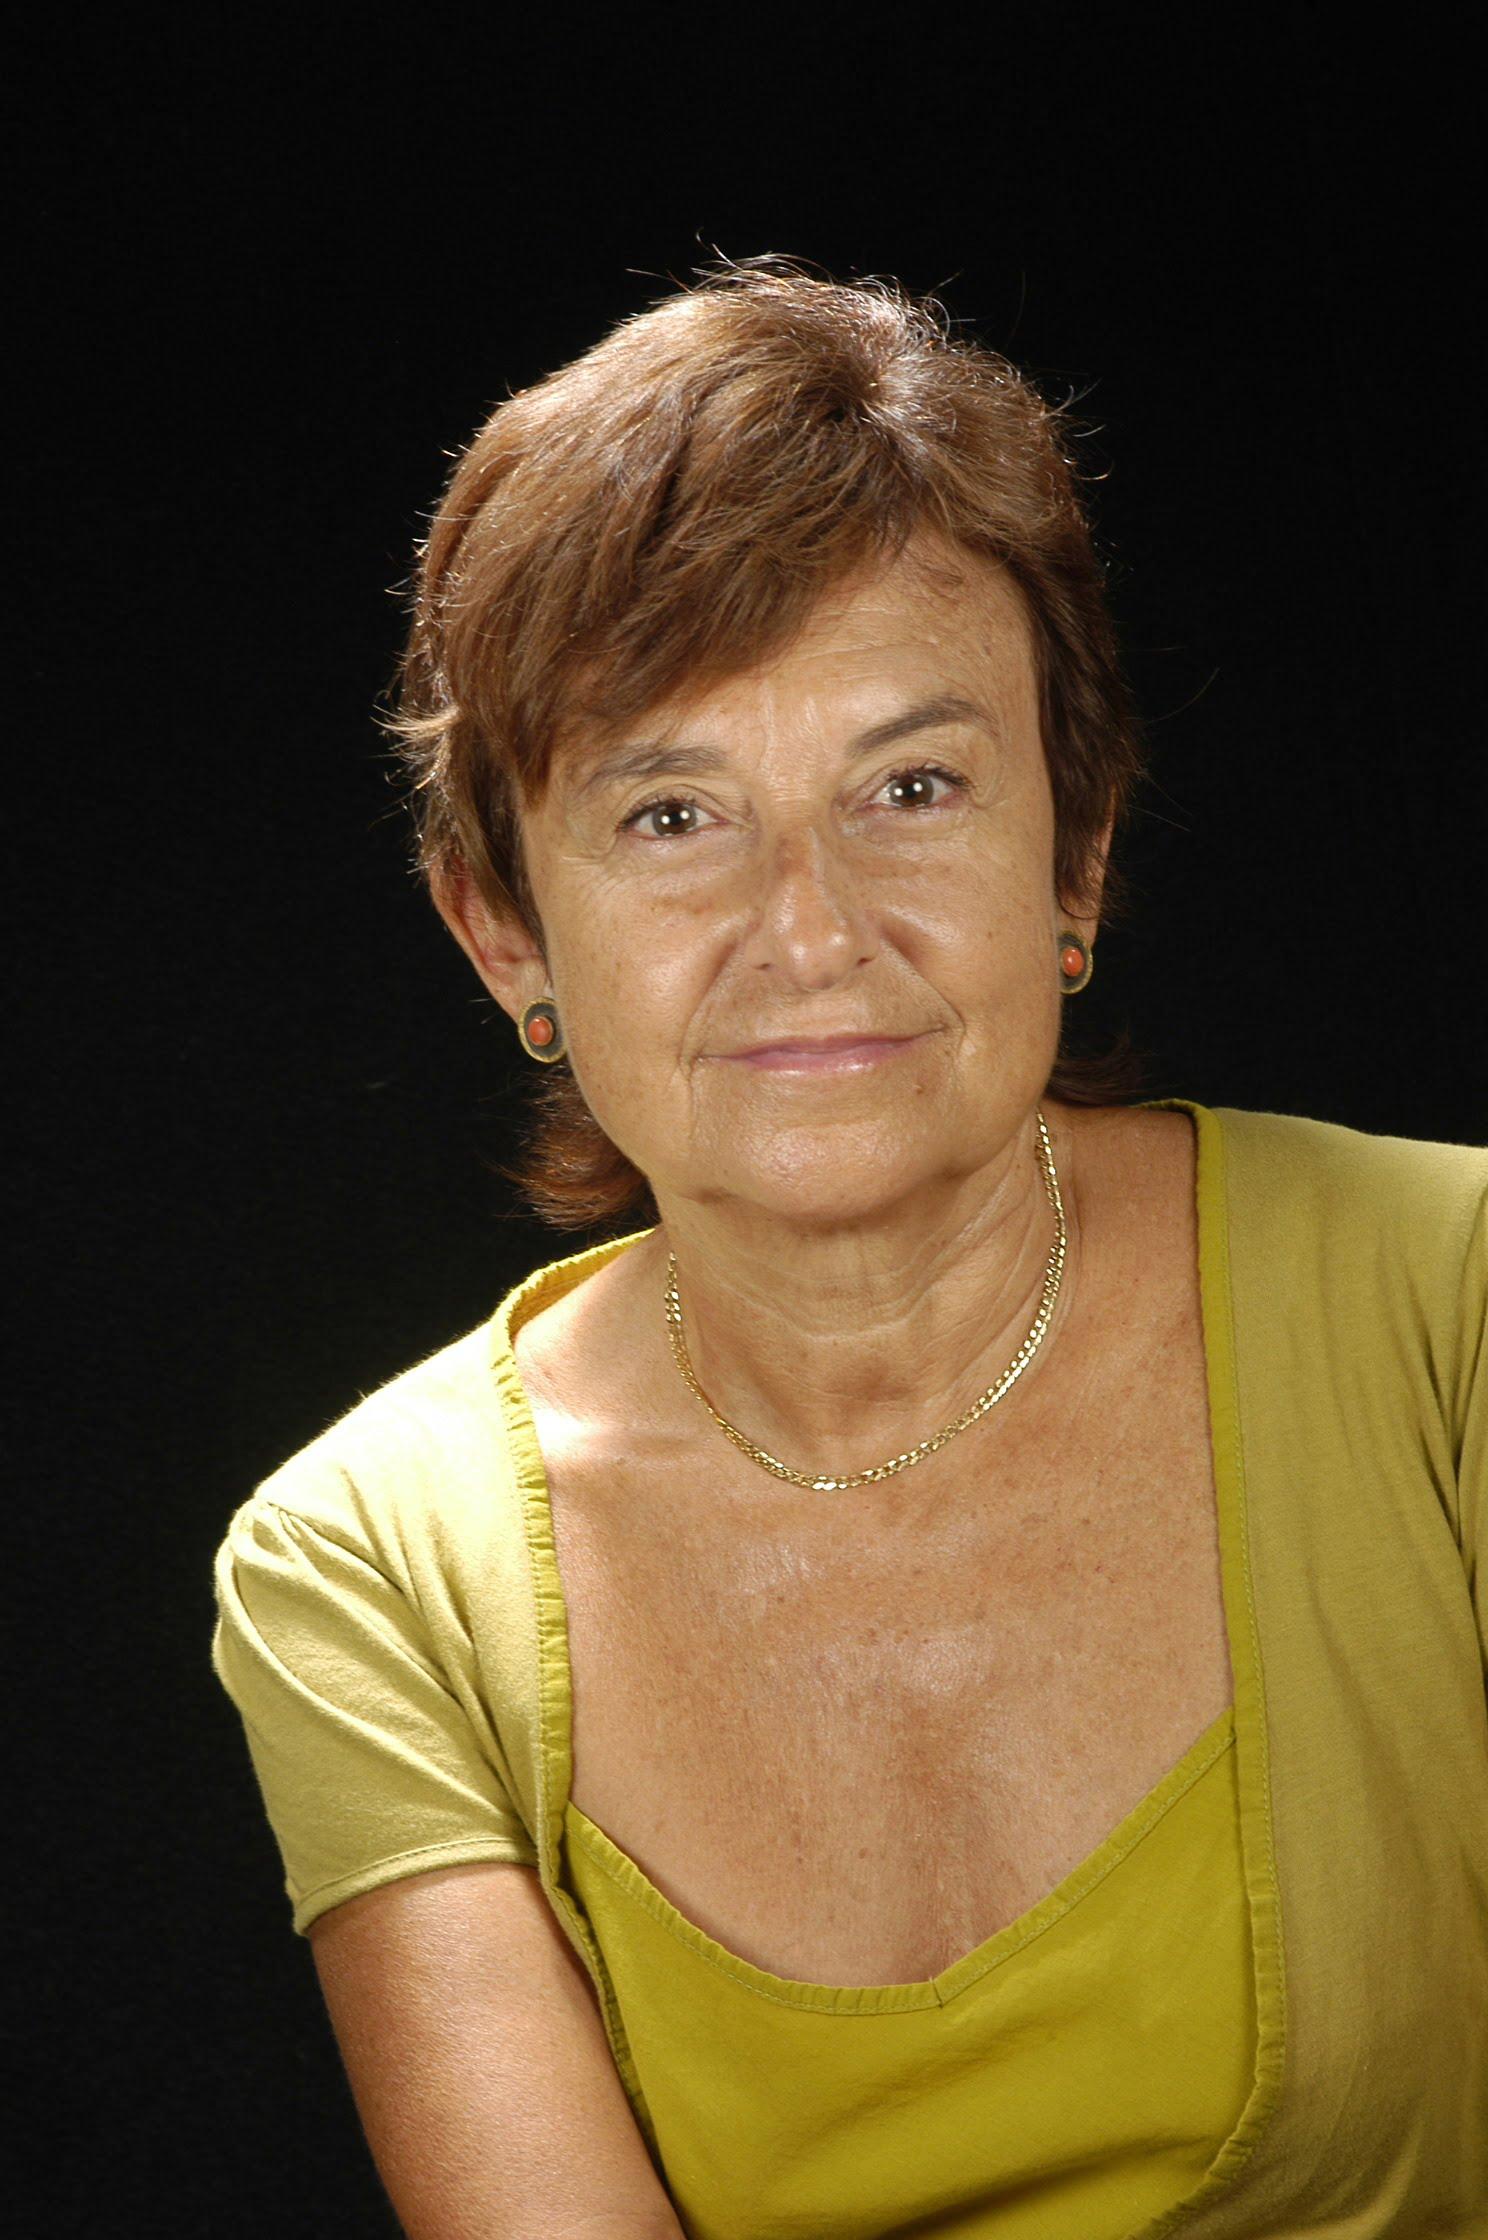 Dra. M. Roser Cussó Fresquet